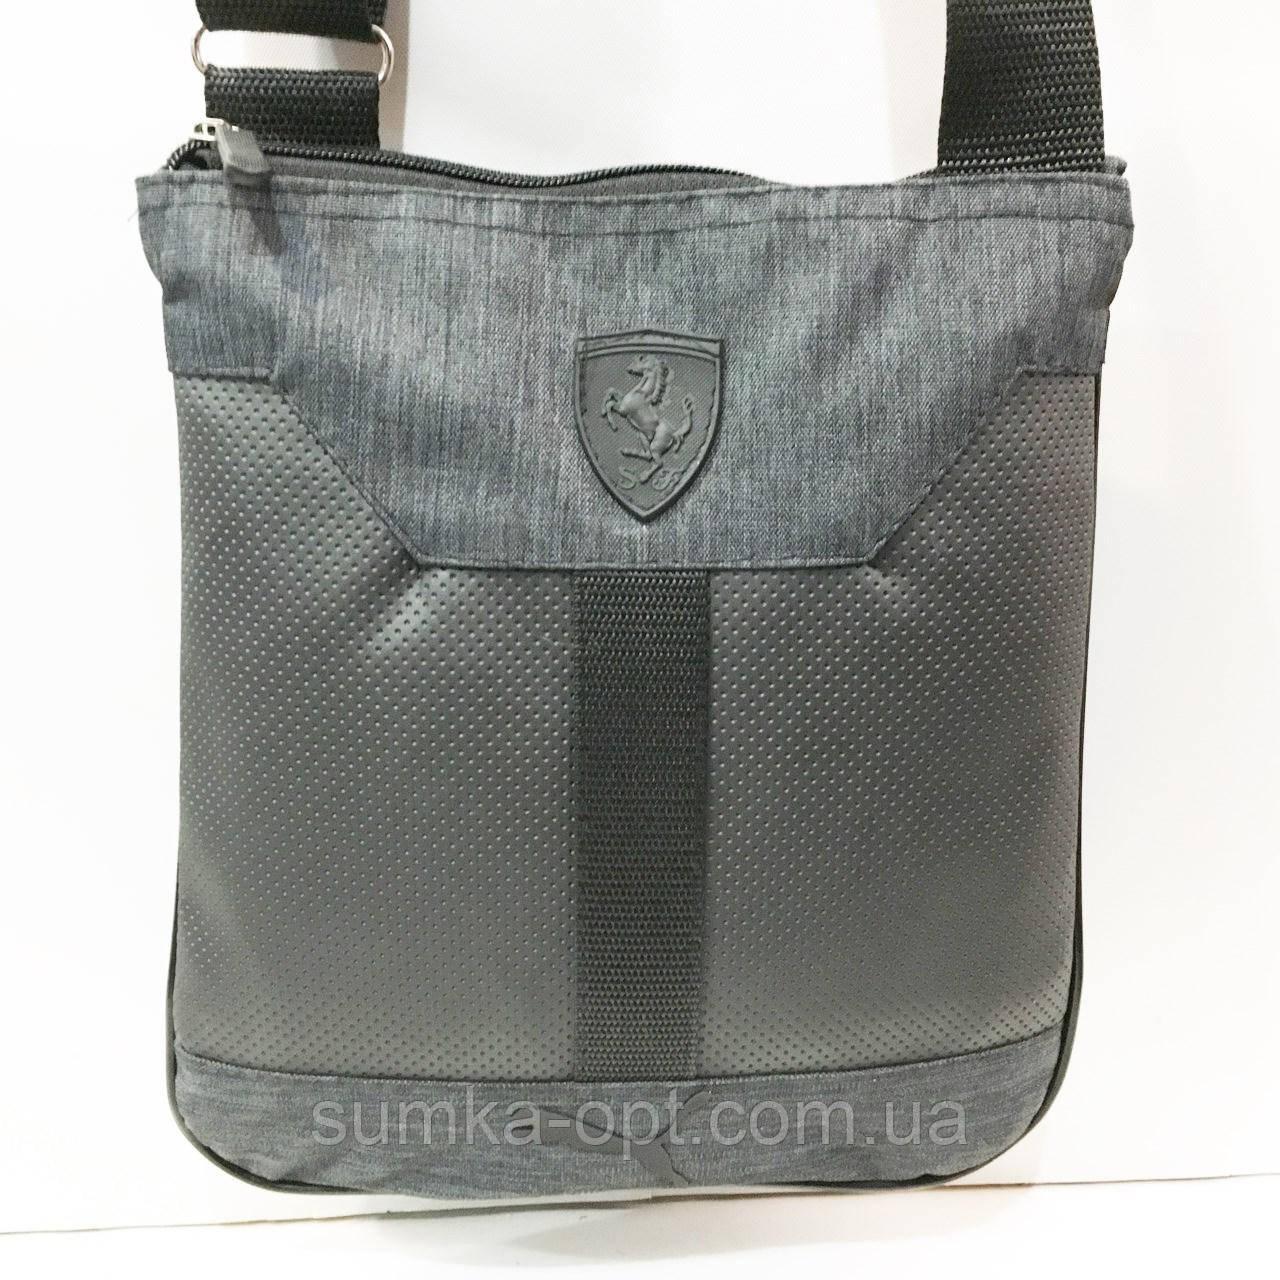 Барсетки, планшеткина плече під джинс Ferrari+Puma (темний сірий)24*26см